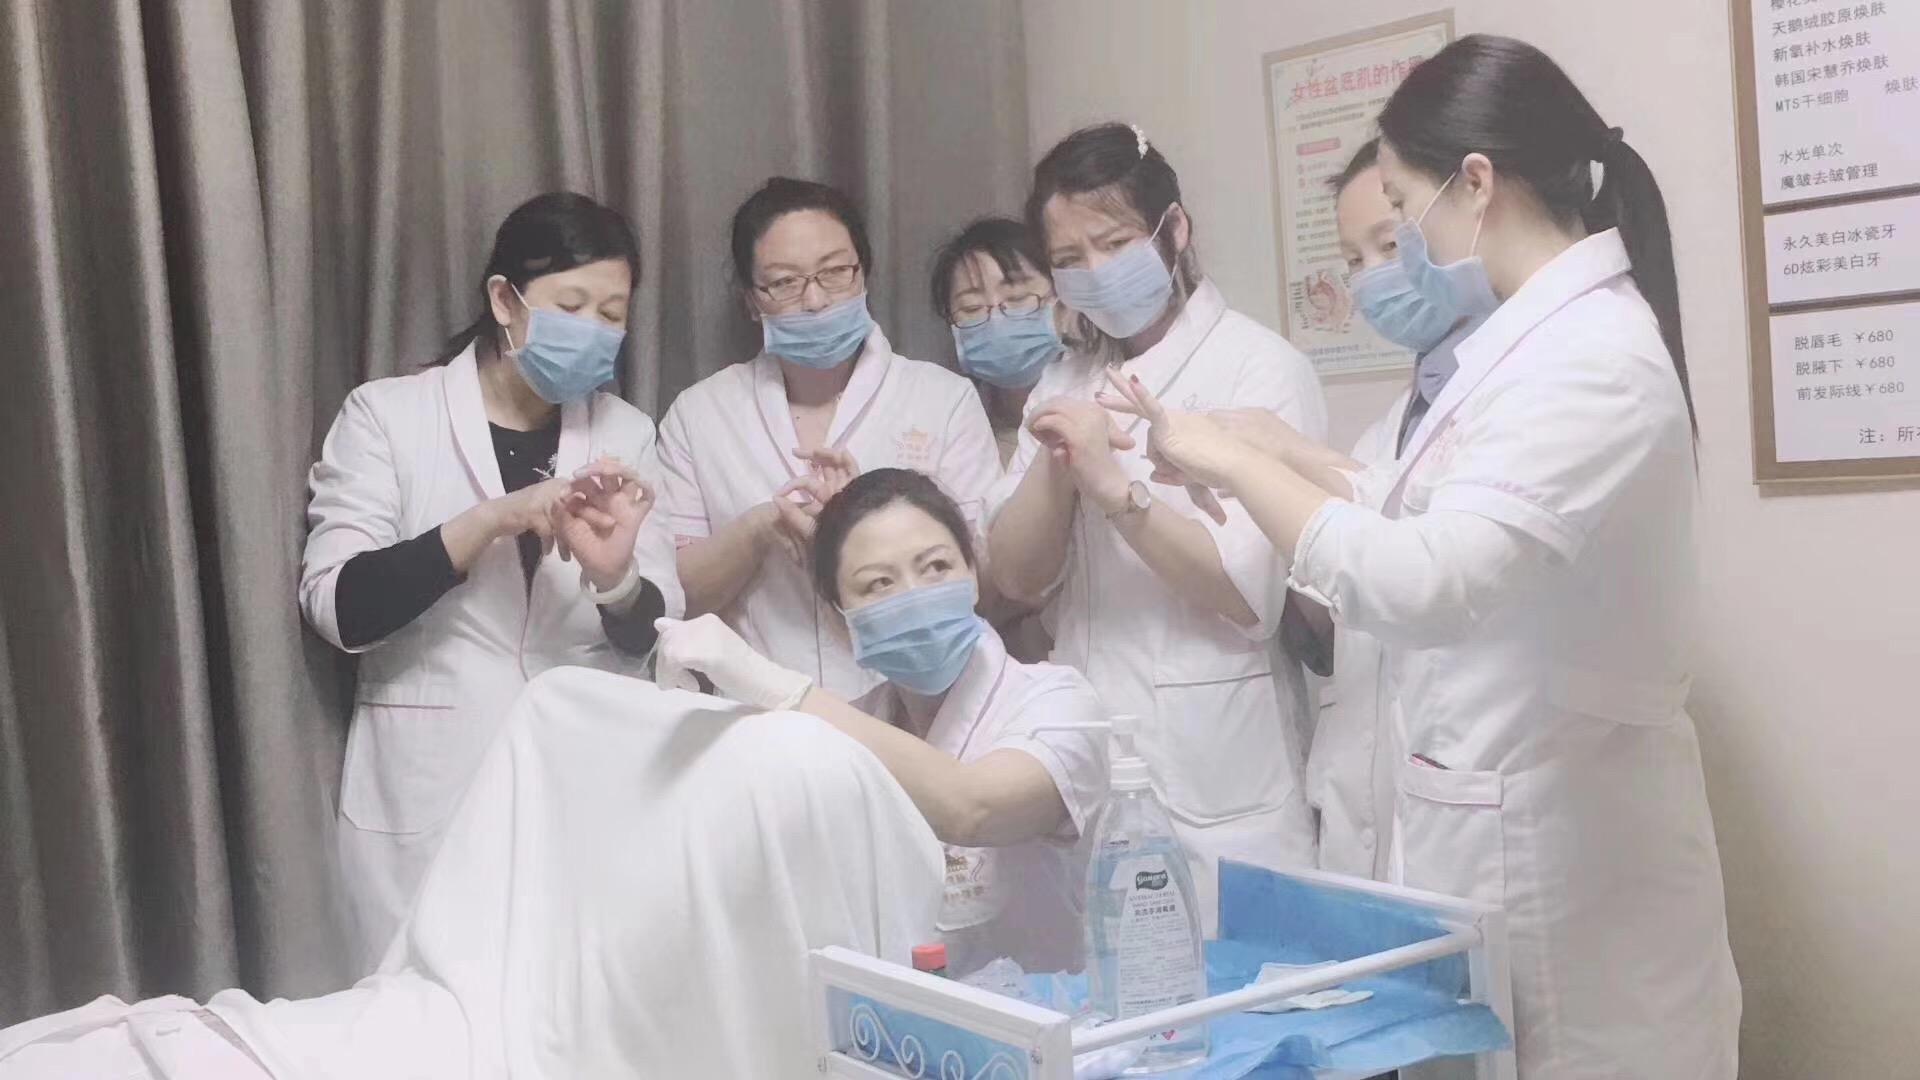 梦斯绮私密缩阴技术及产后骨盆修复,引领行业新风潮!